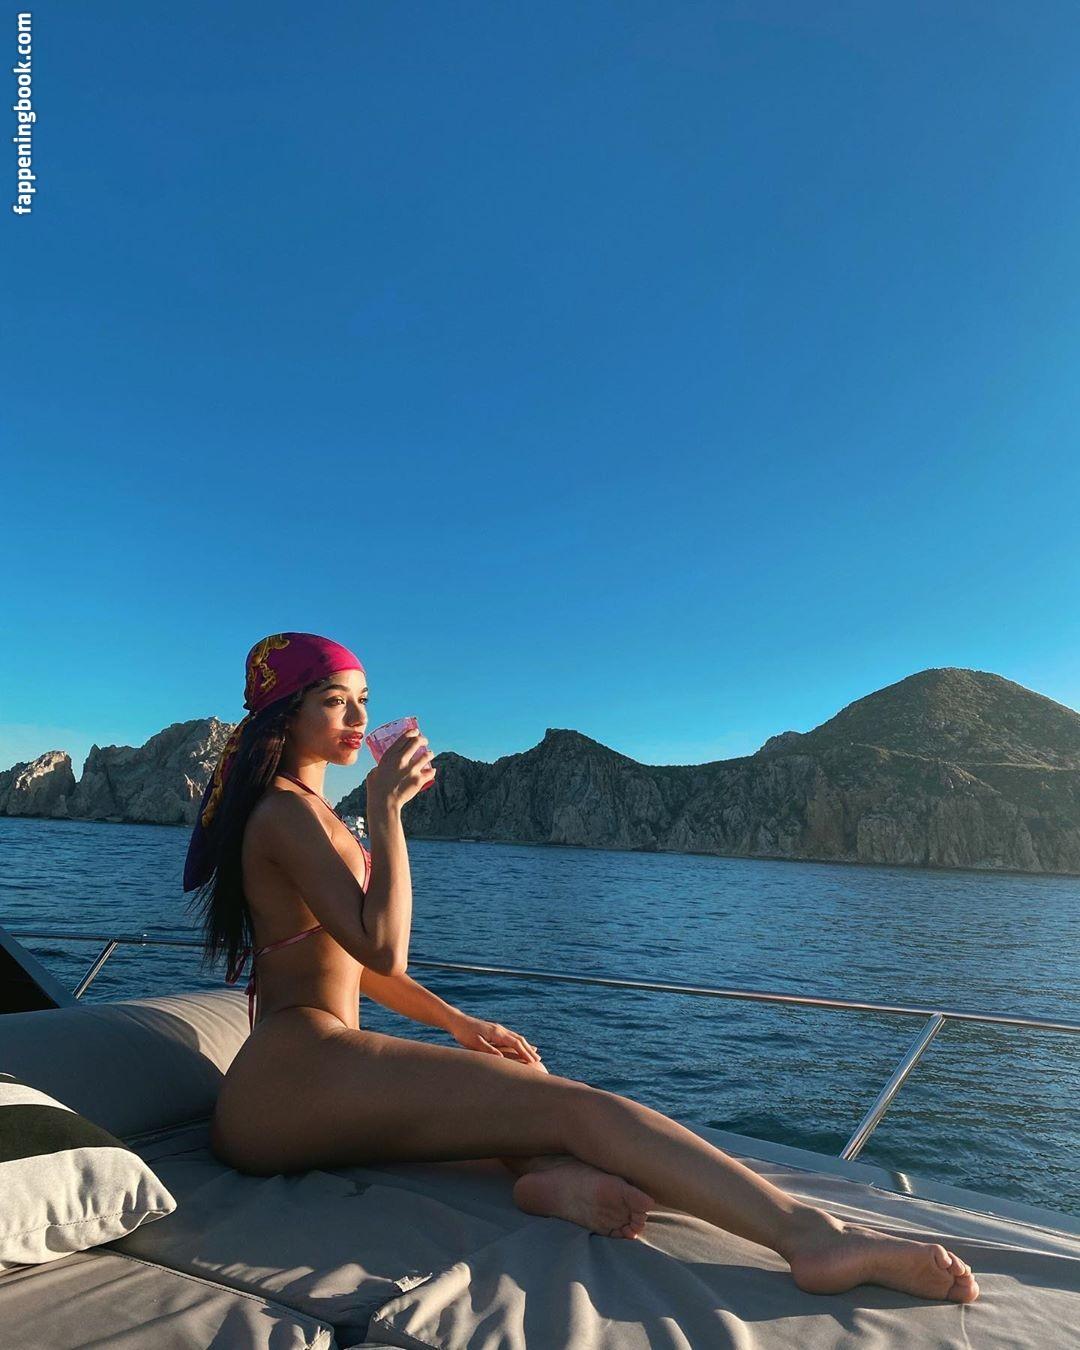 Yovanna Ventura Nude